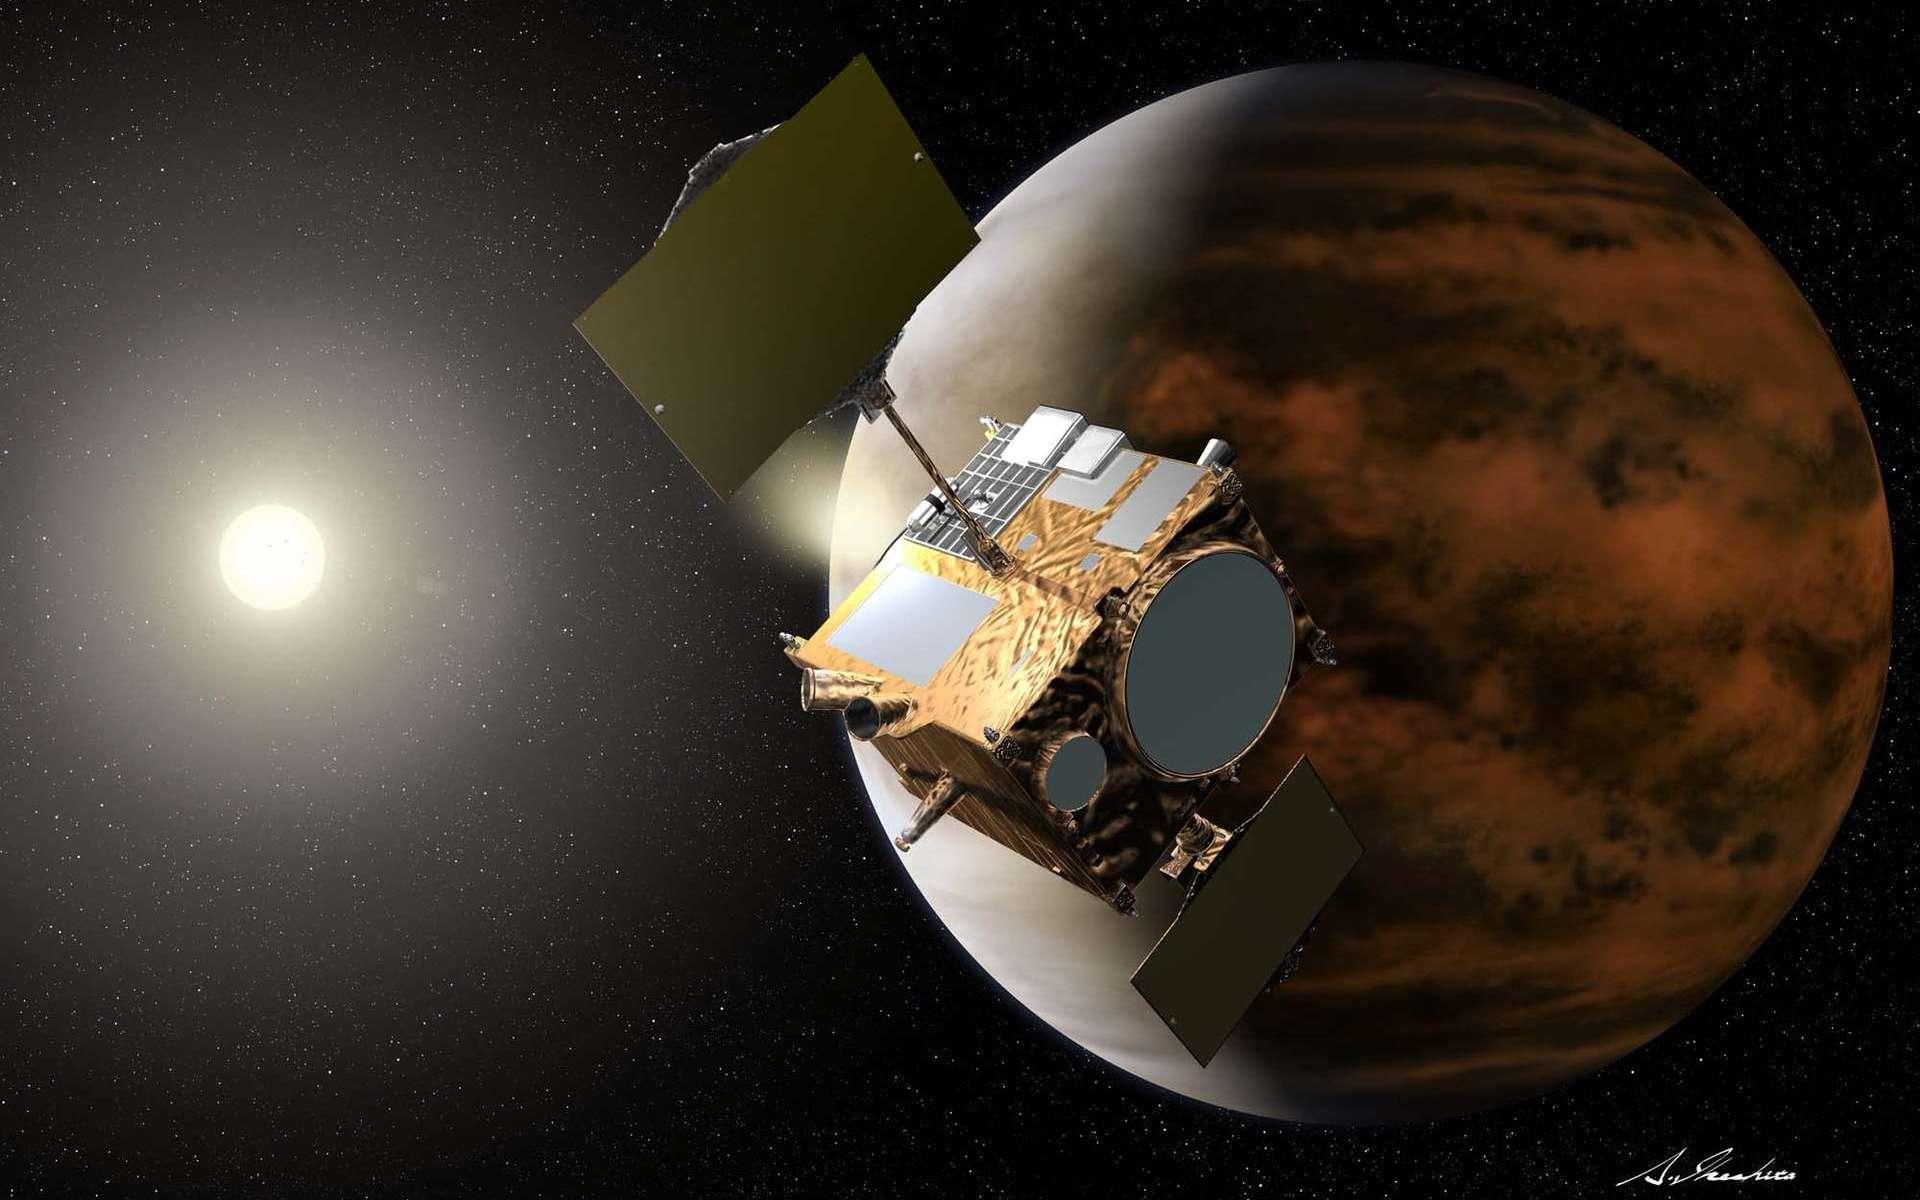 Vue d'artiste de la sonde Planet-C, ou Venus Climate Orbiter, alias Akatsuki. Lancée en mai 2010, elle s'est finalement insérée en orbite autour de Vénus le 7 décembre 2015 après une malencontreuse errance de 5 ans autour du Soleil. © Jaxa